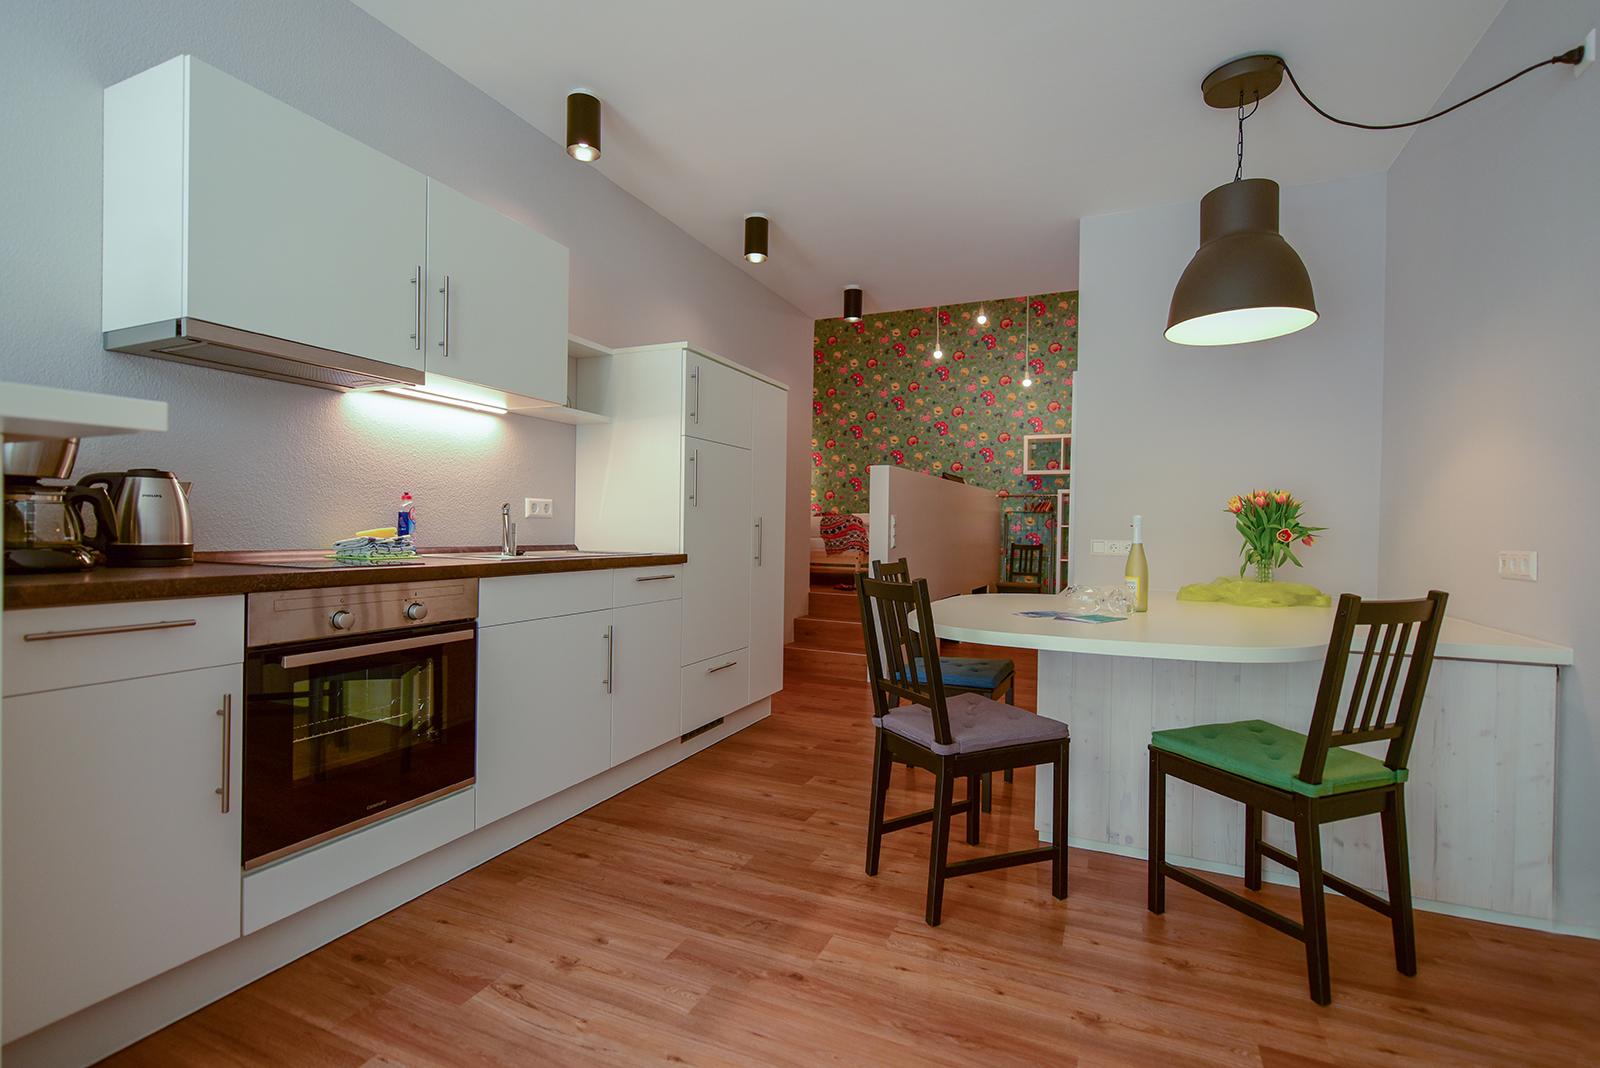 Ferienwohnung am Bodensee: City Appartement 2 - Küche